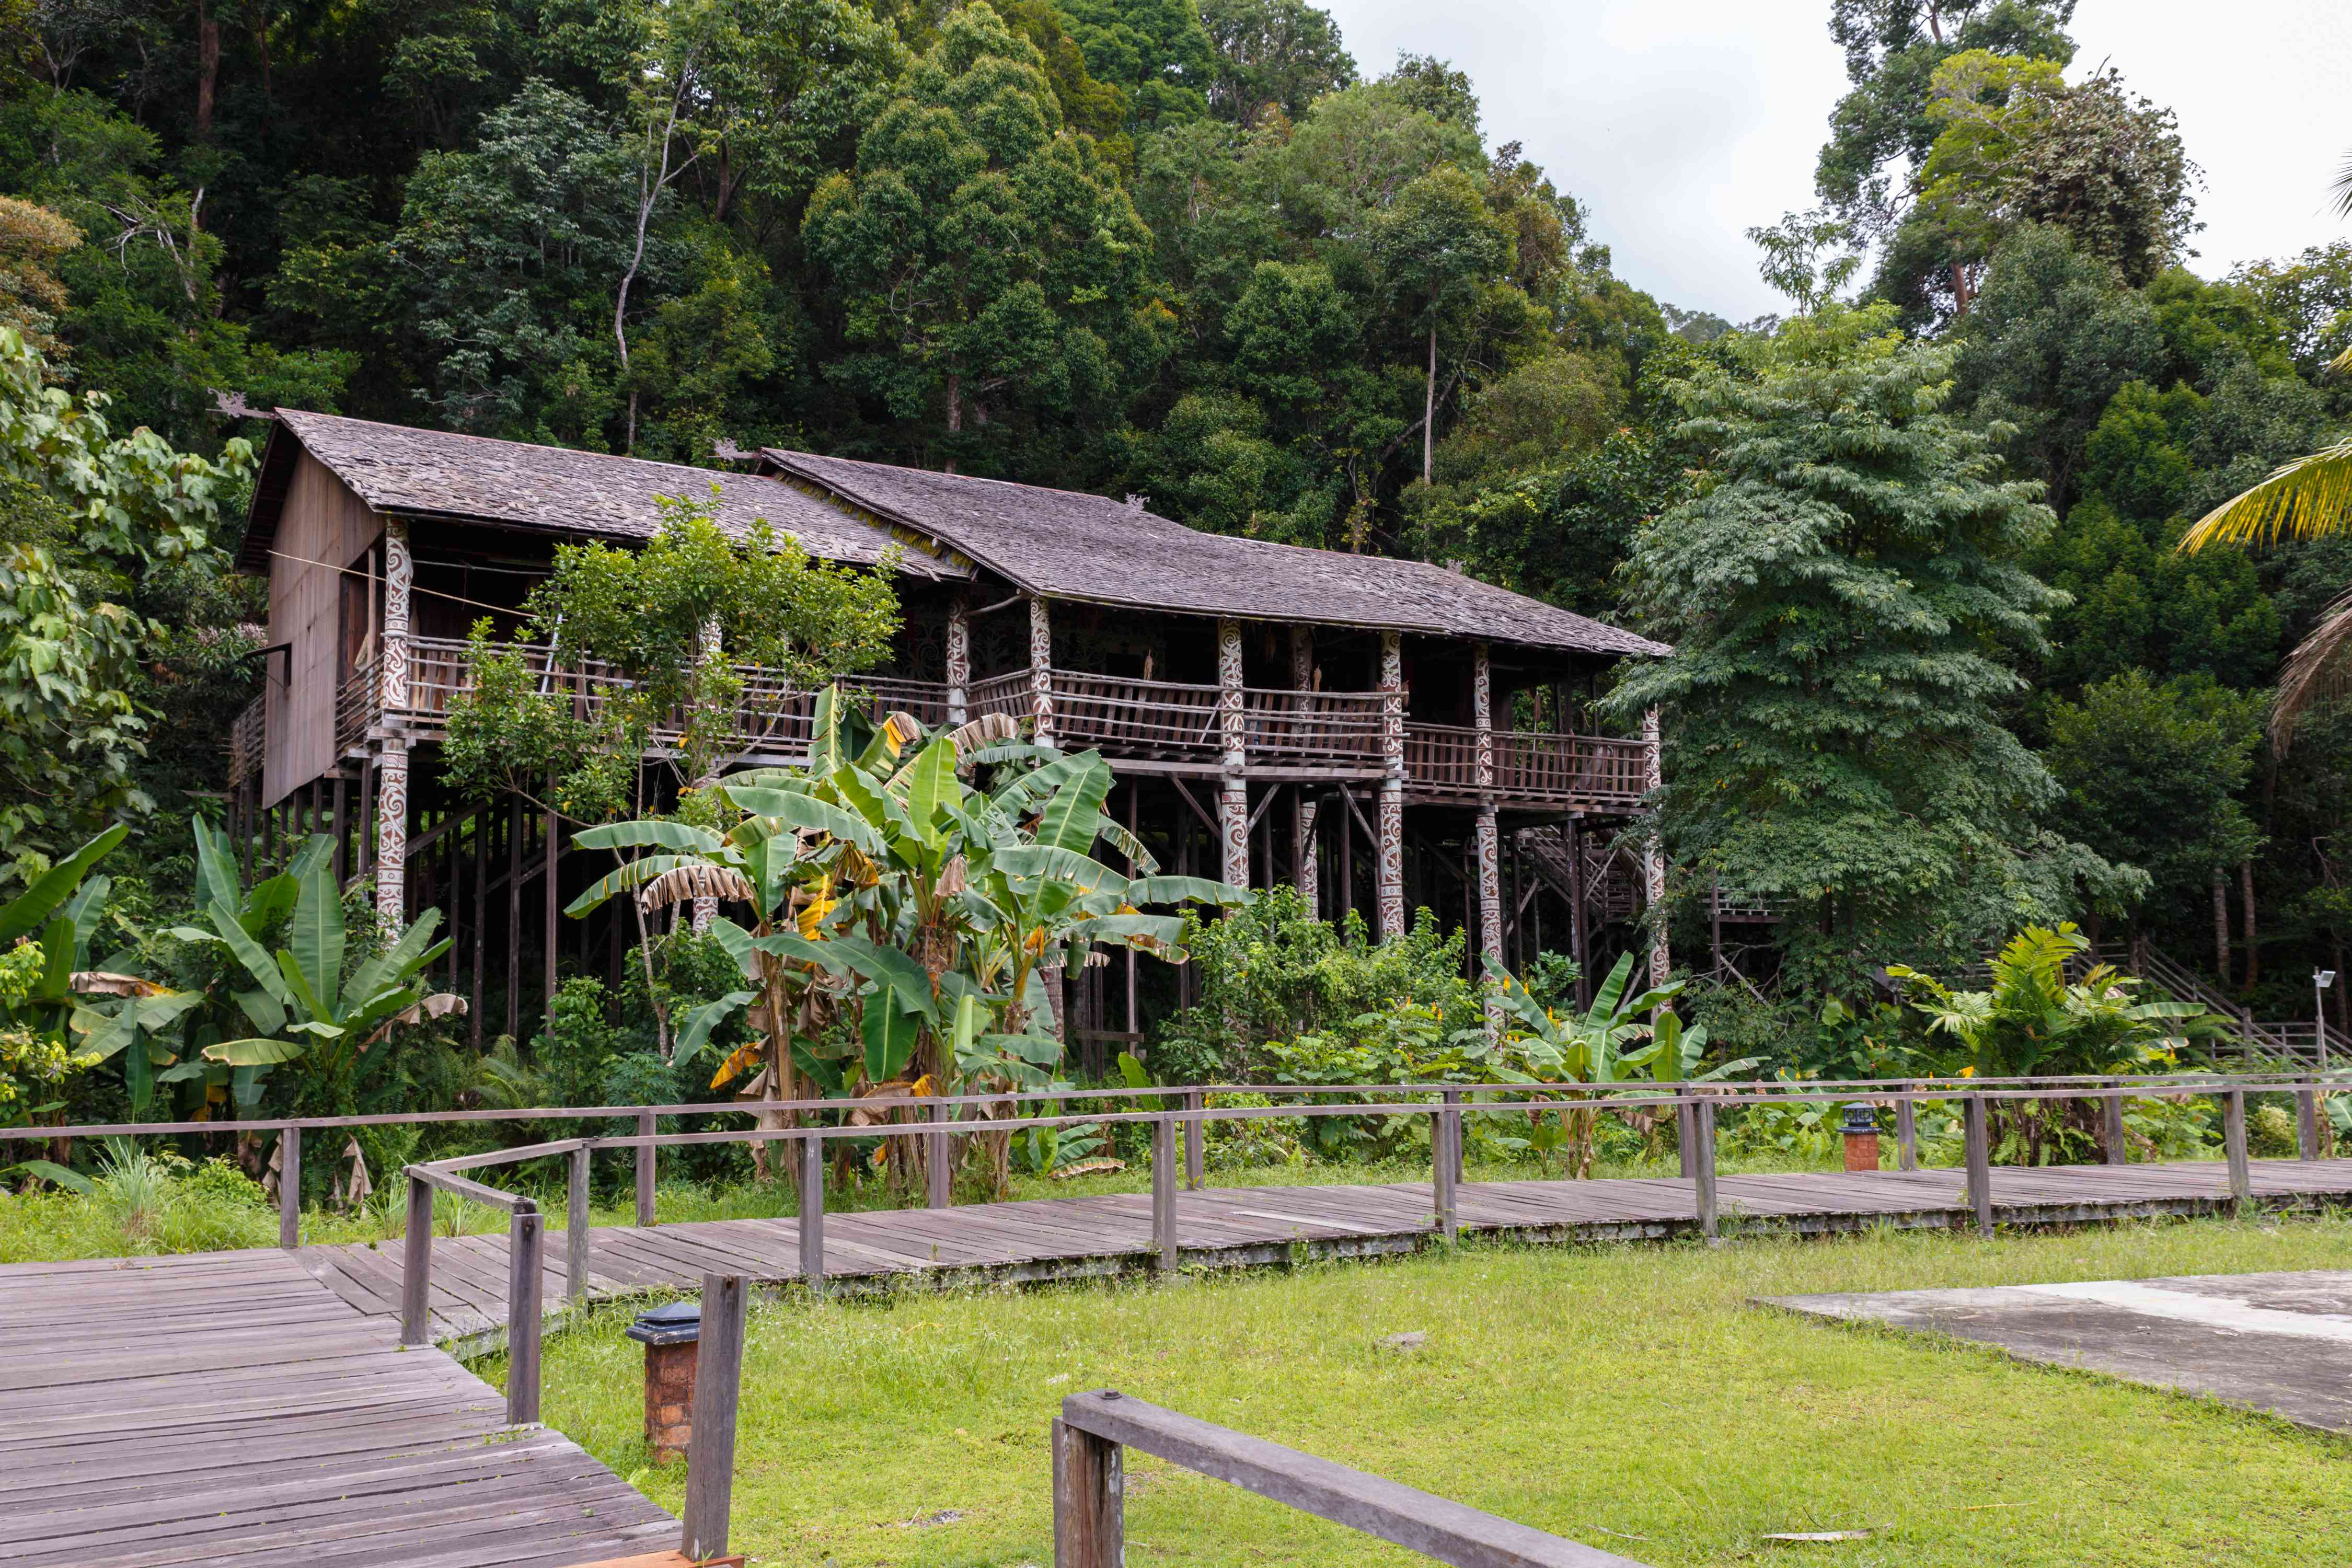 Outside of a model Orang Ulu longhouse in Borneo